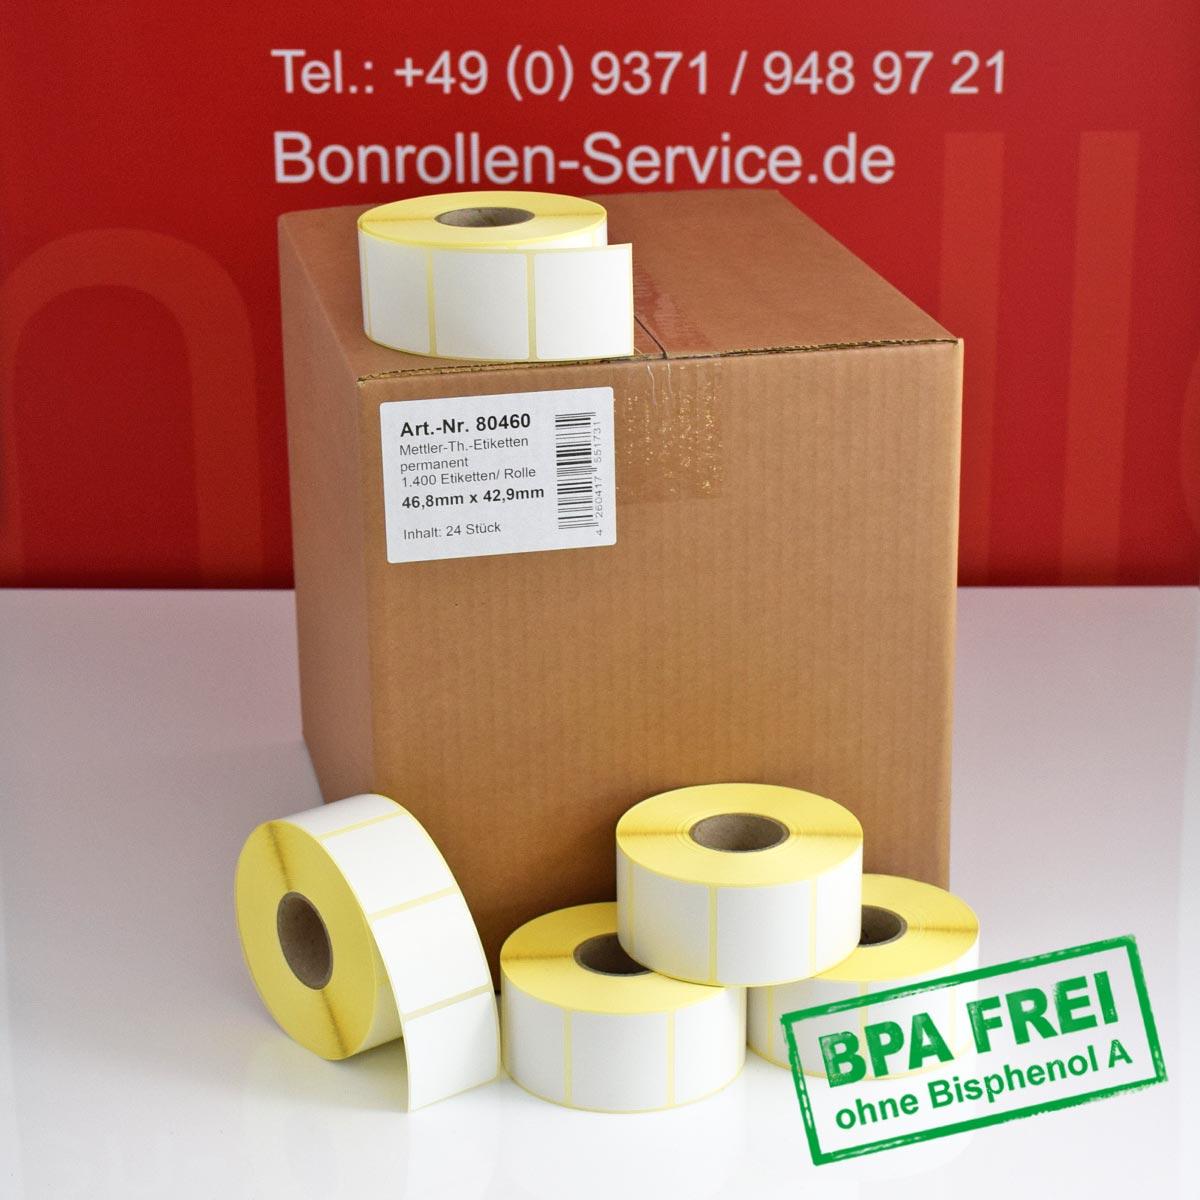 Thermo-Etikettenrollen ohne BPA, 46,8 x 42,9 für Avery Berkel, permanent